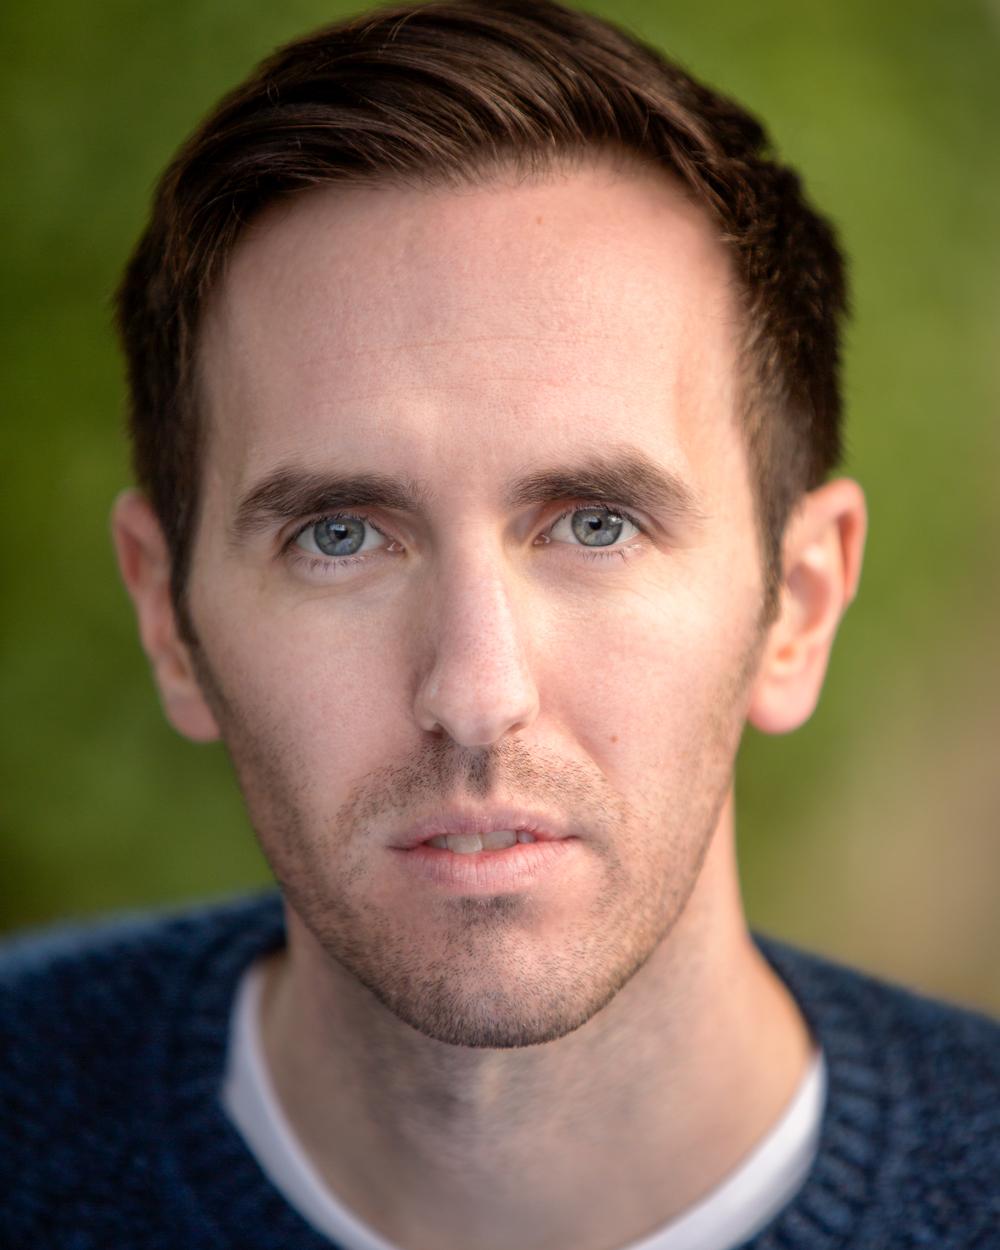 James Winter | Actors Headshot